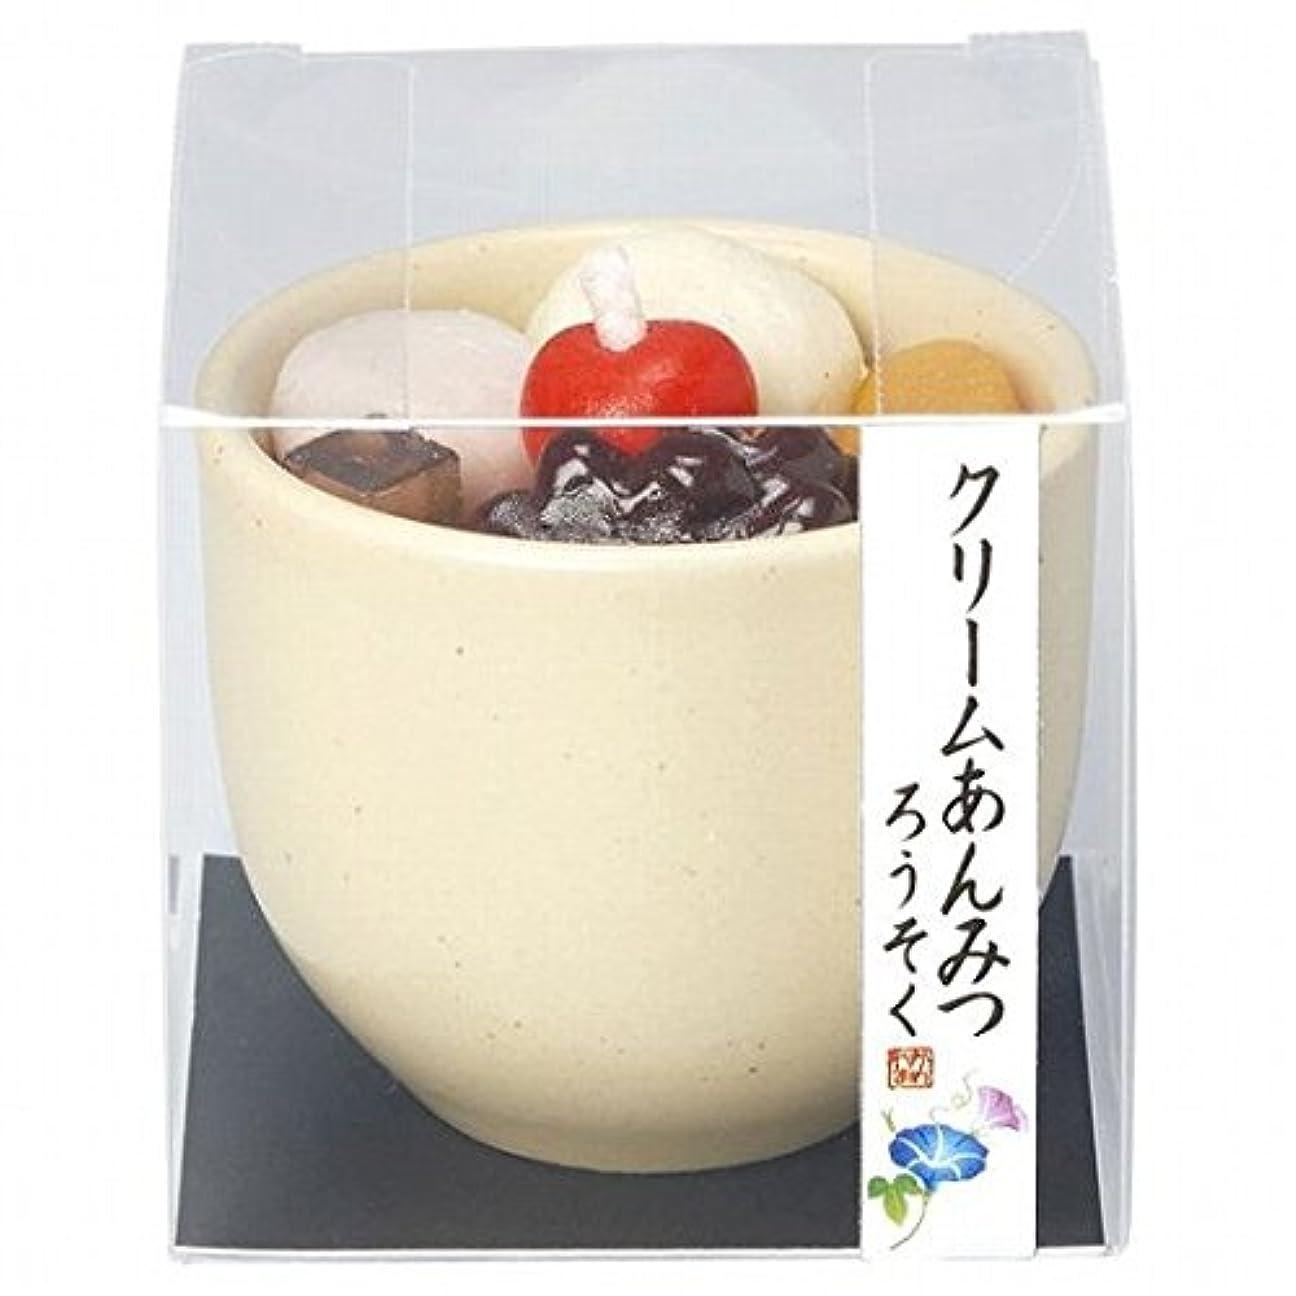 テーブル胃槍kameyama candle(カメヤマキャンドル) クリームあんみつキャンドル(86220000)